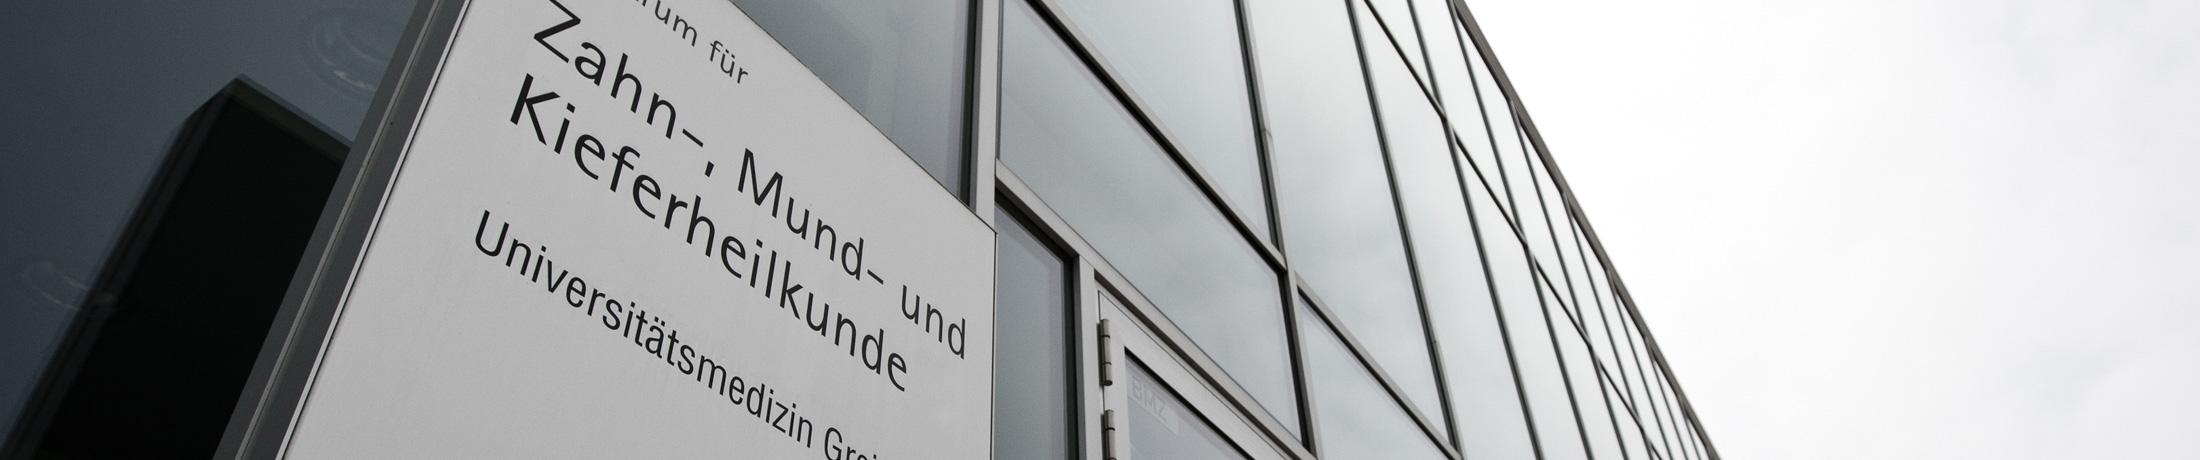 első kislemez lakás közigazgatási gmbh co. kg greifswald)